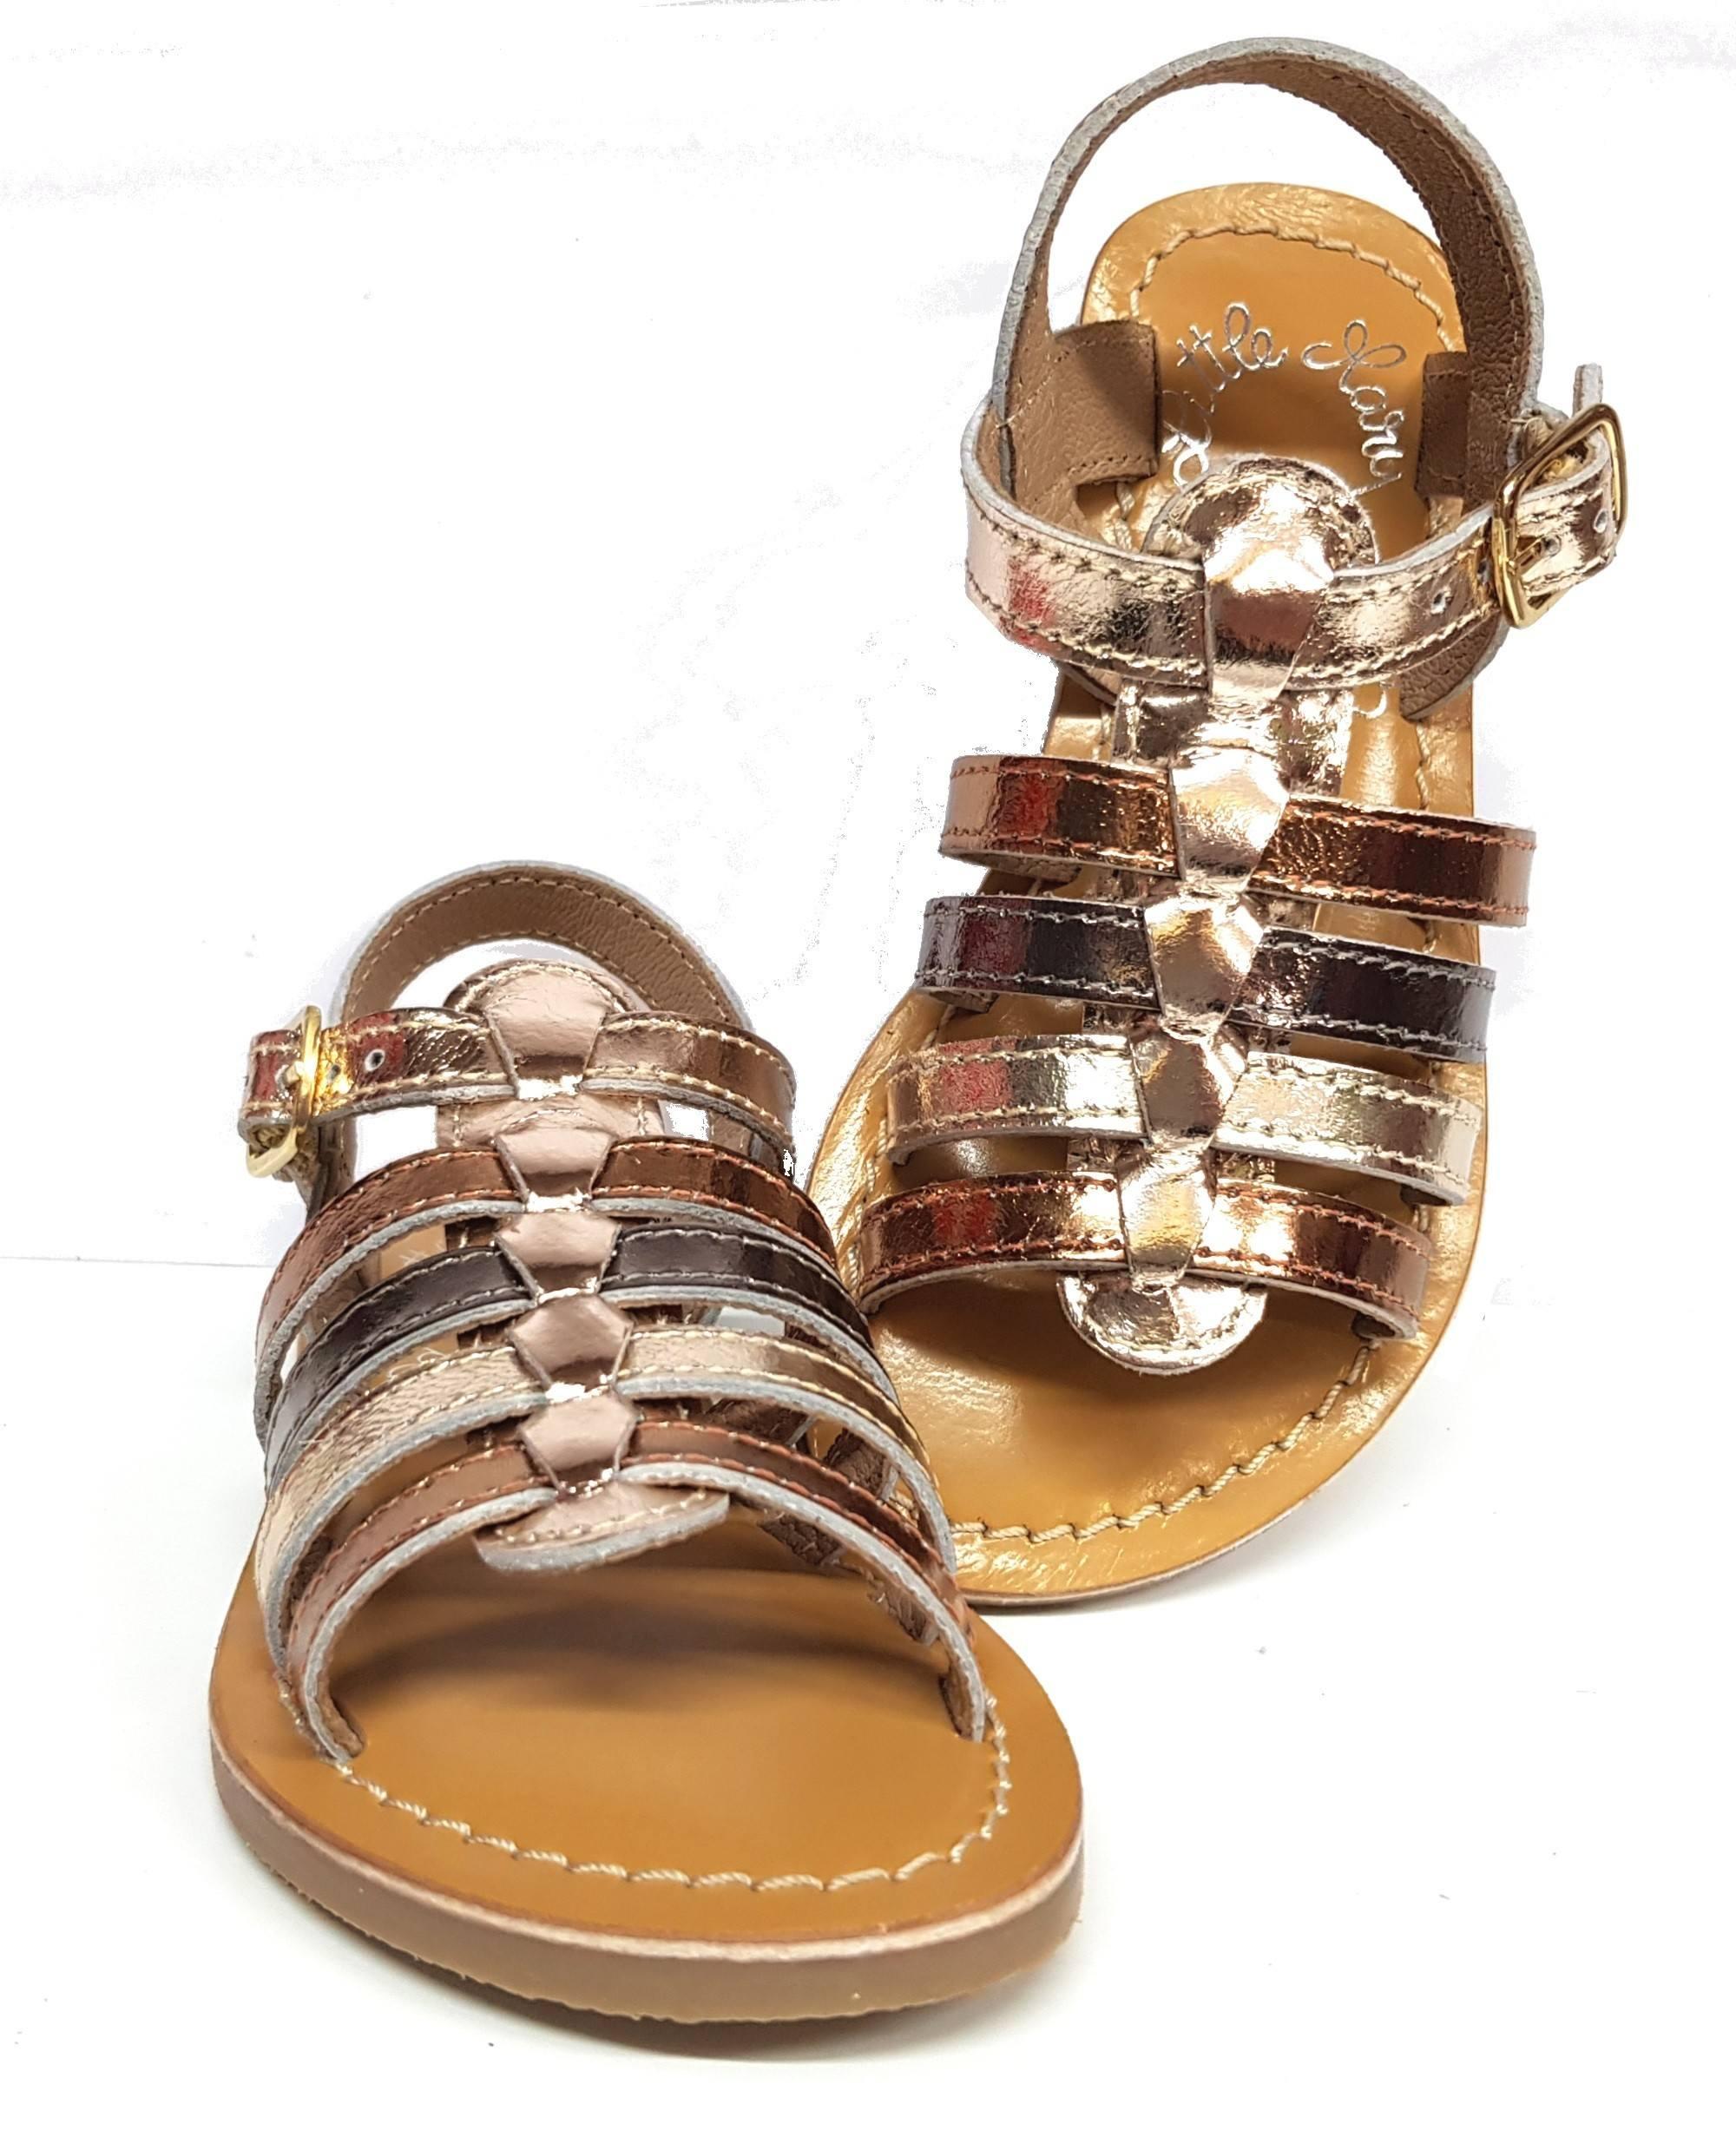 nu-pied Barbade Little Mary en cuir métal bronze, cuivre et or fermé par 1 bride à boucle